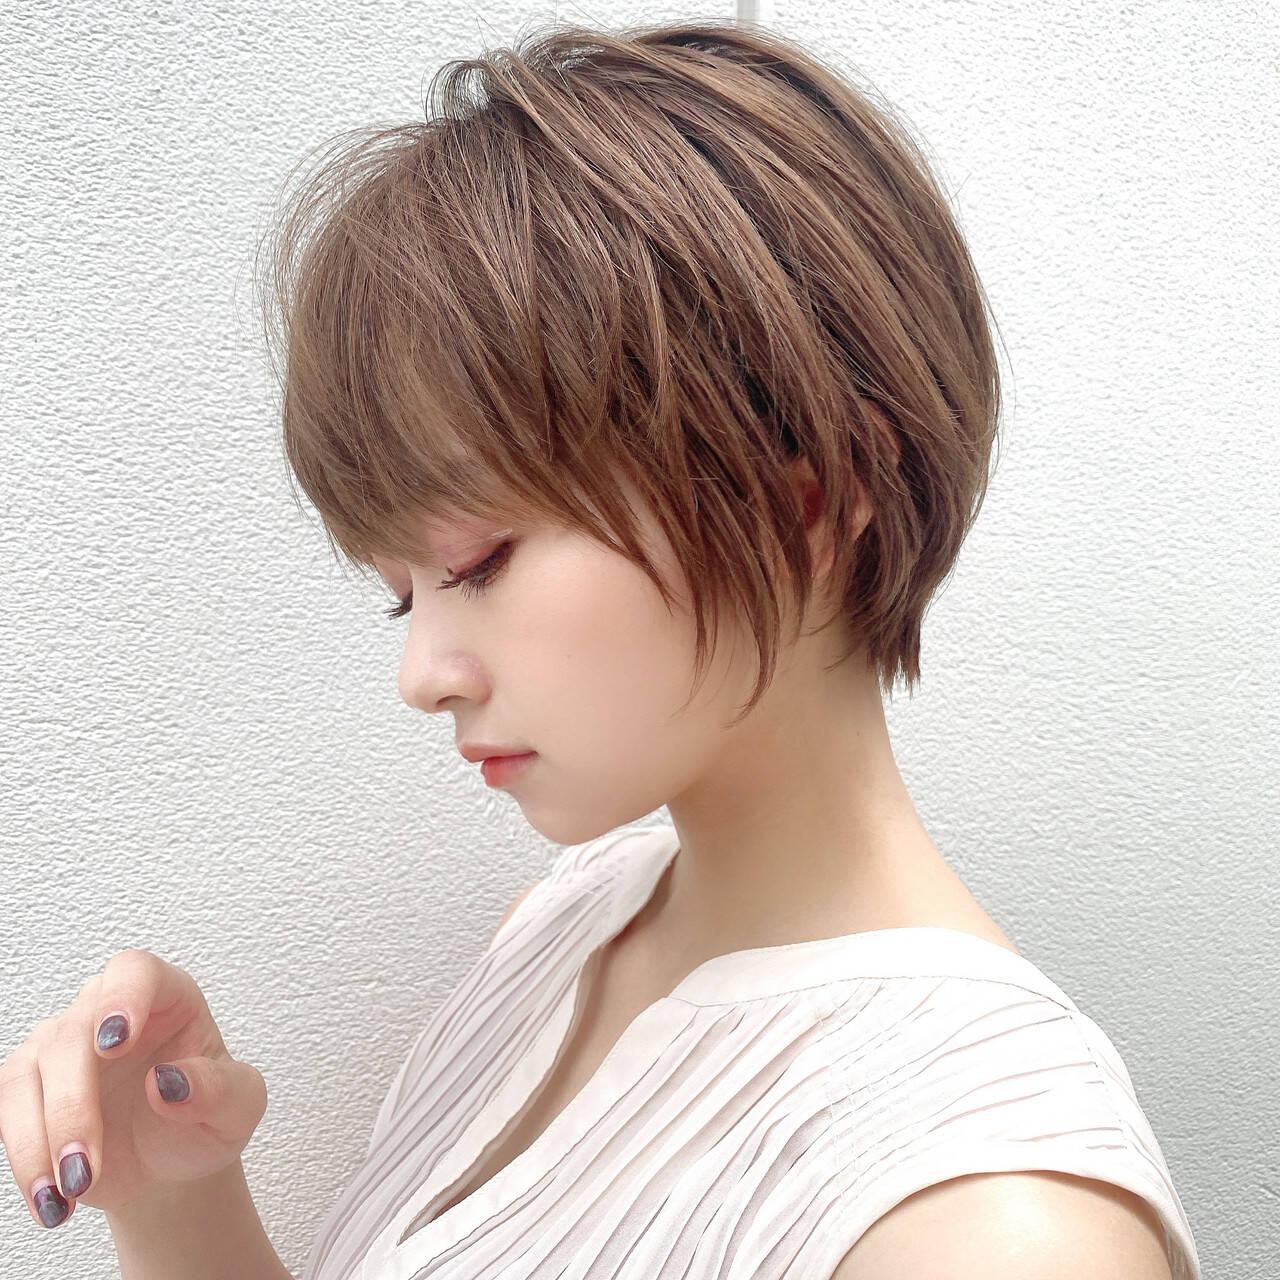 アンニュイほつれヘア ナチュラル 大人かわいい ショートボブヘアスタイルや髪型の写真・画像